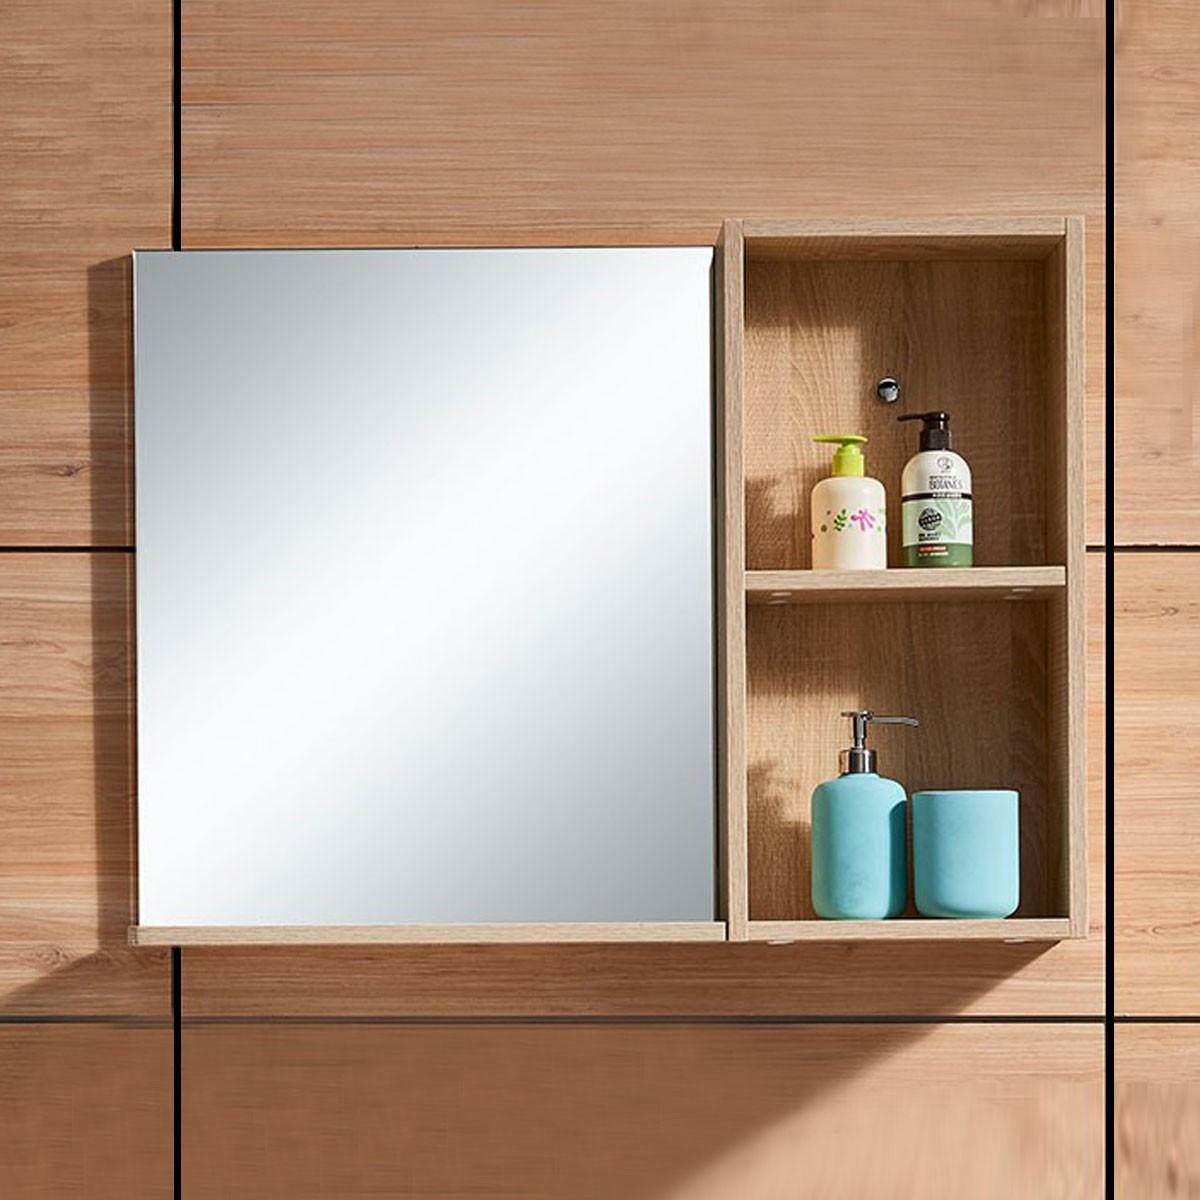 36 x 24 po Miroir pour Meuble Salle de Bain (DK-675100-M)